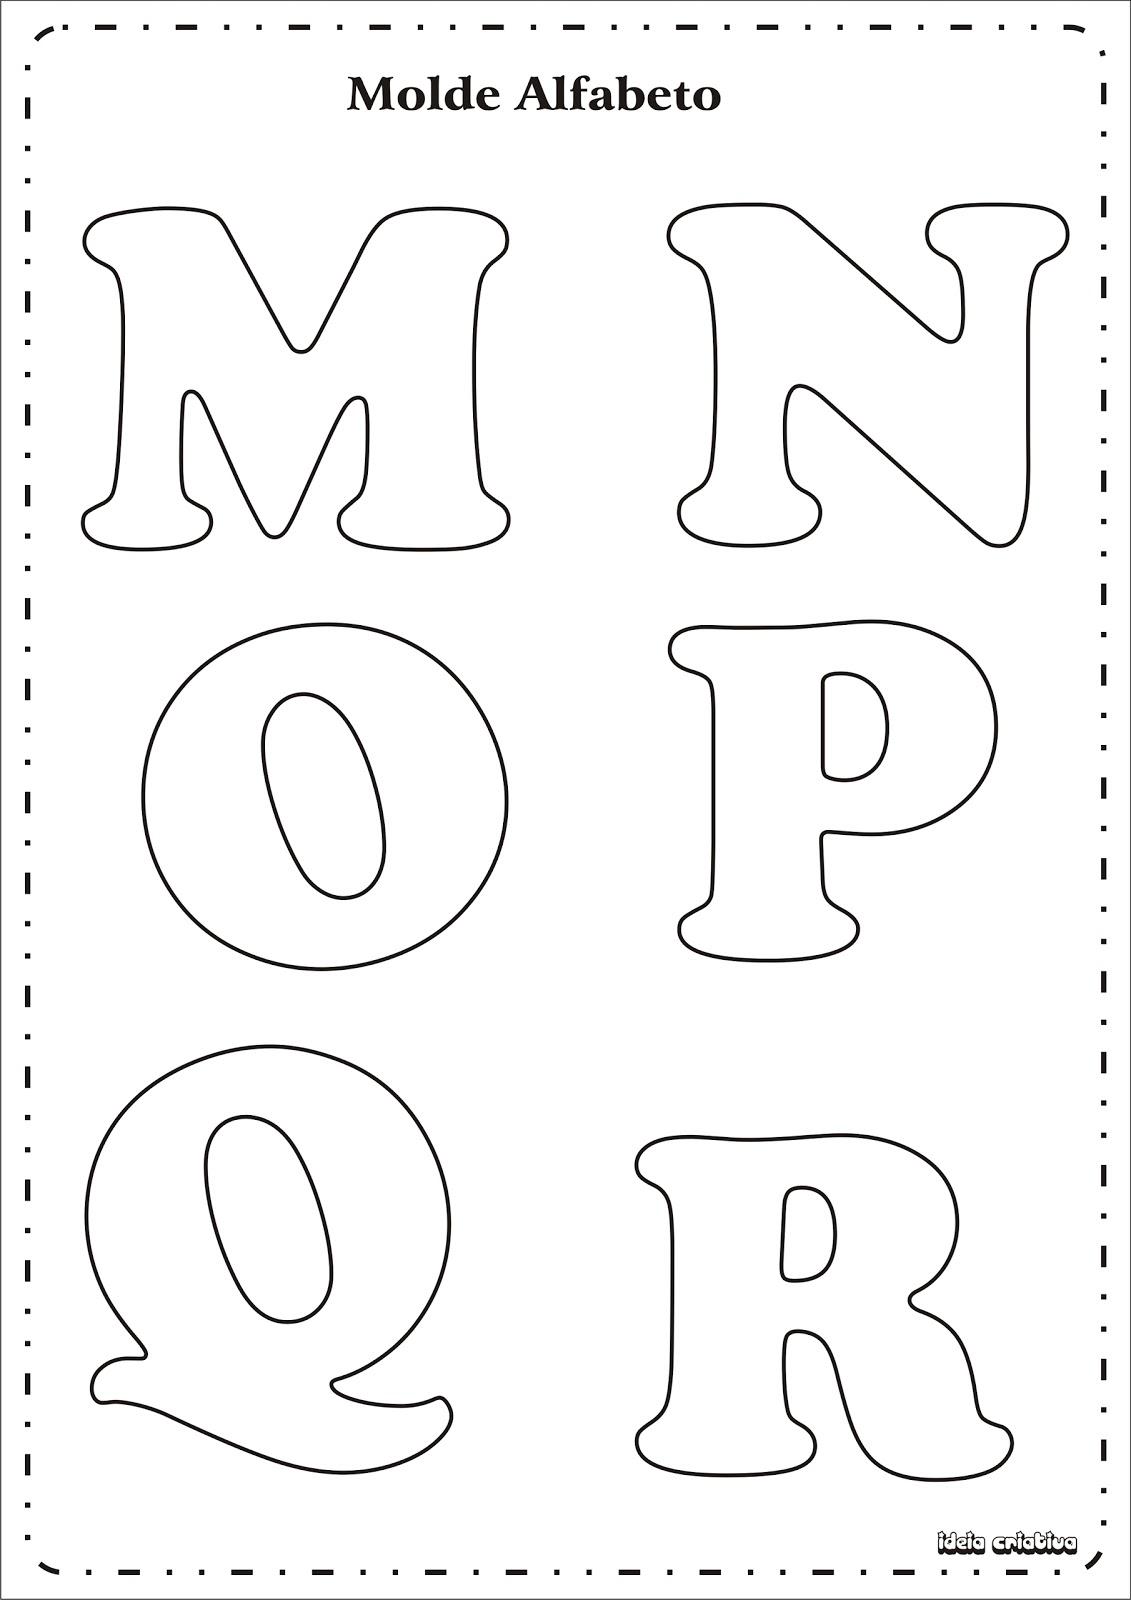 Dorable Letras Para Colorear Hojas Imprimibles Composición - Dibujos ...